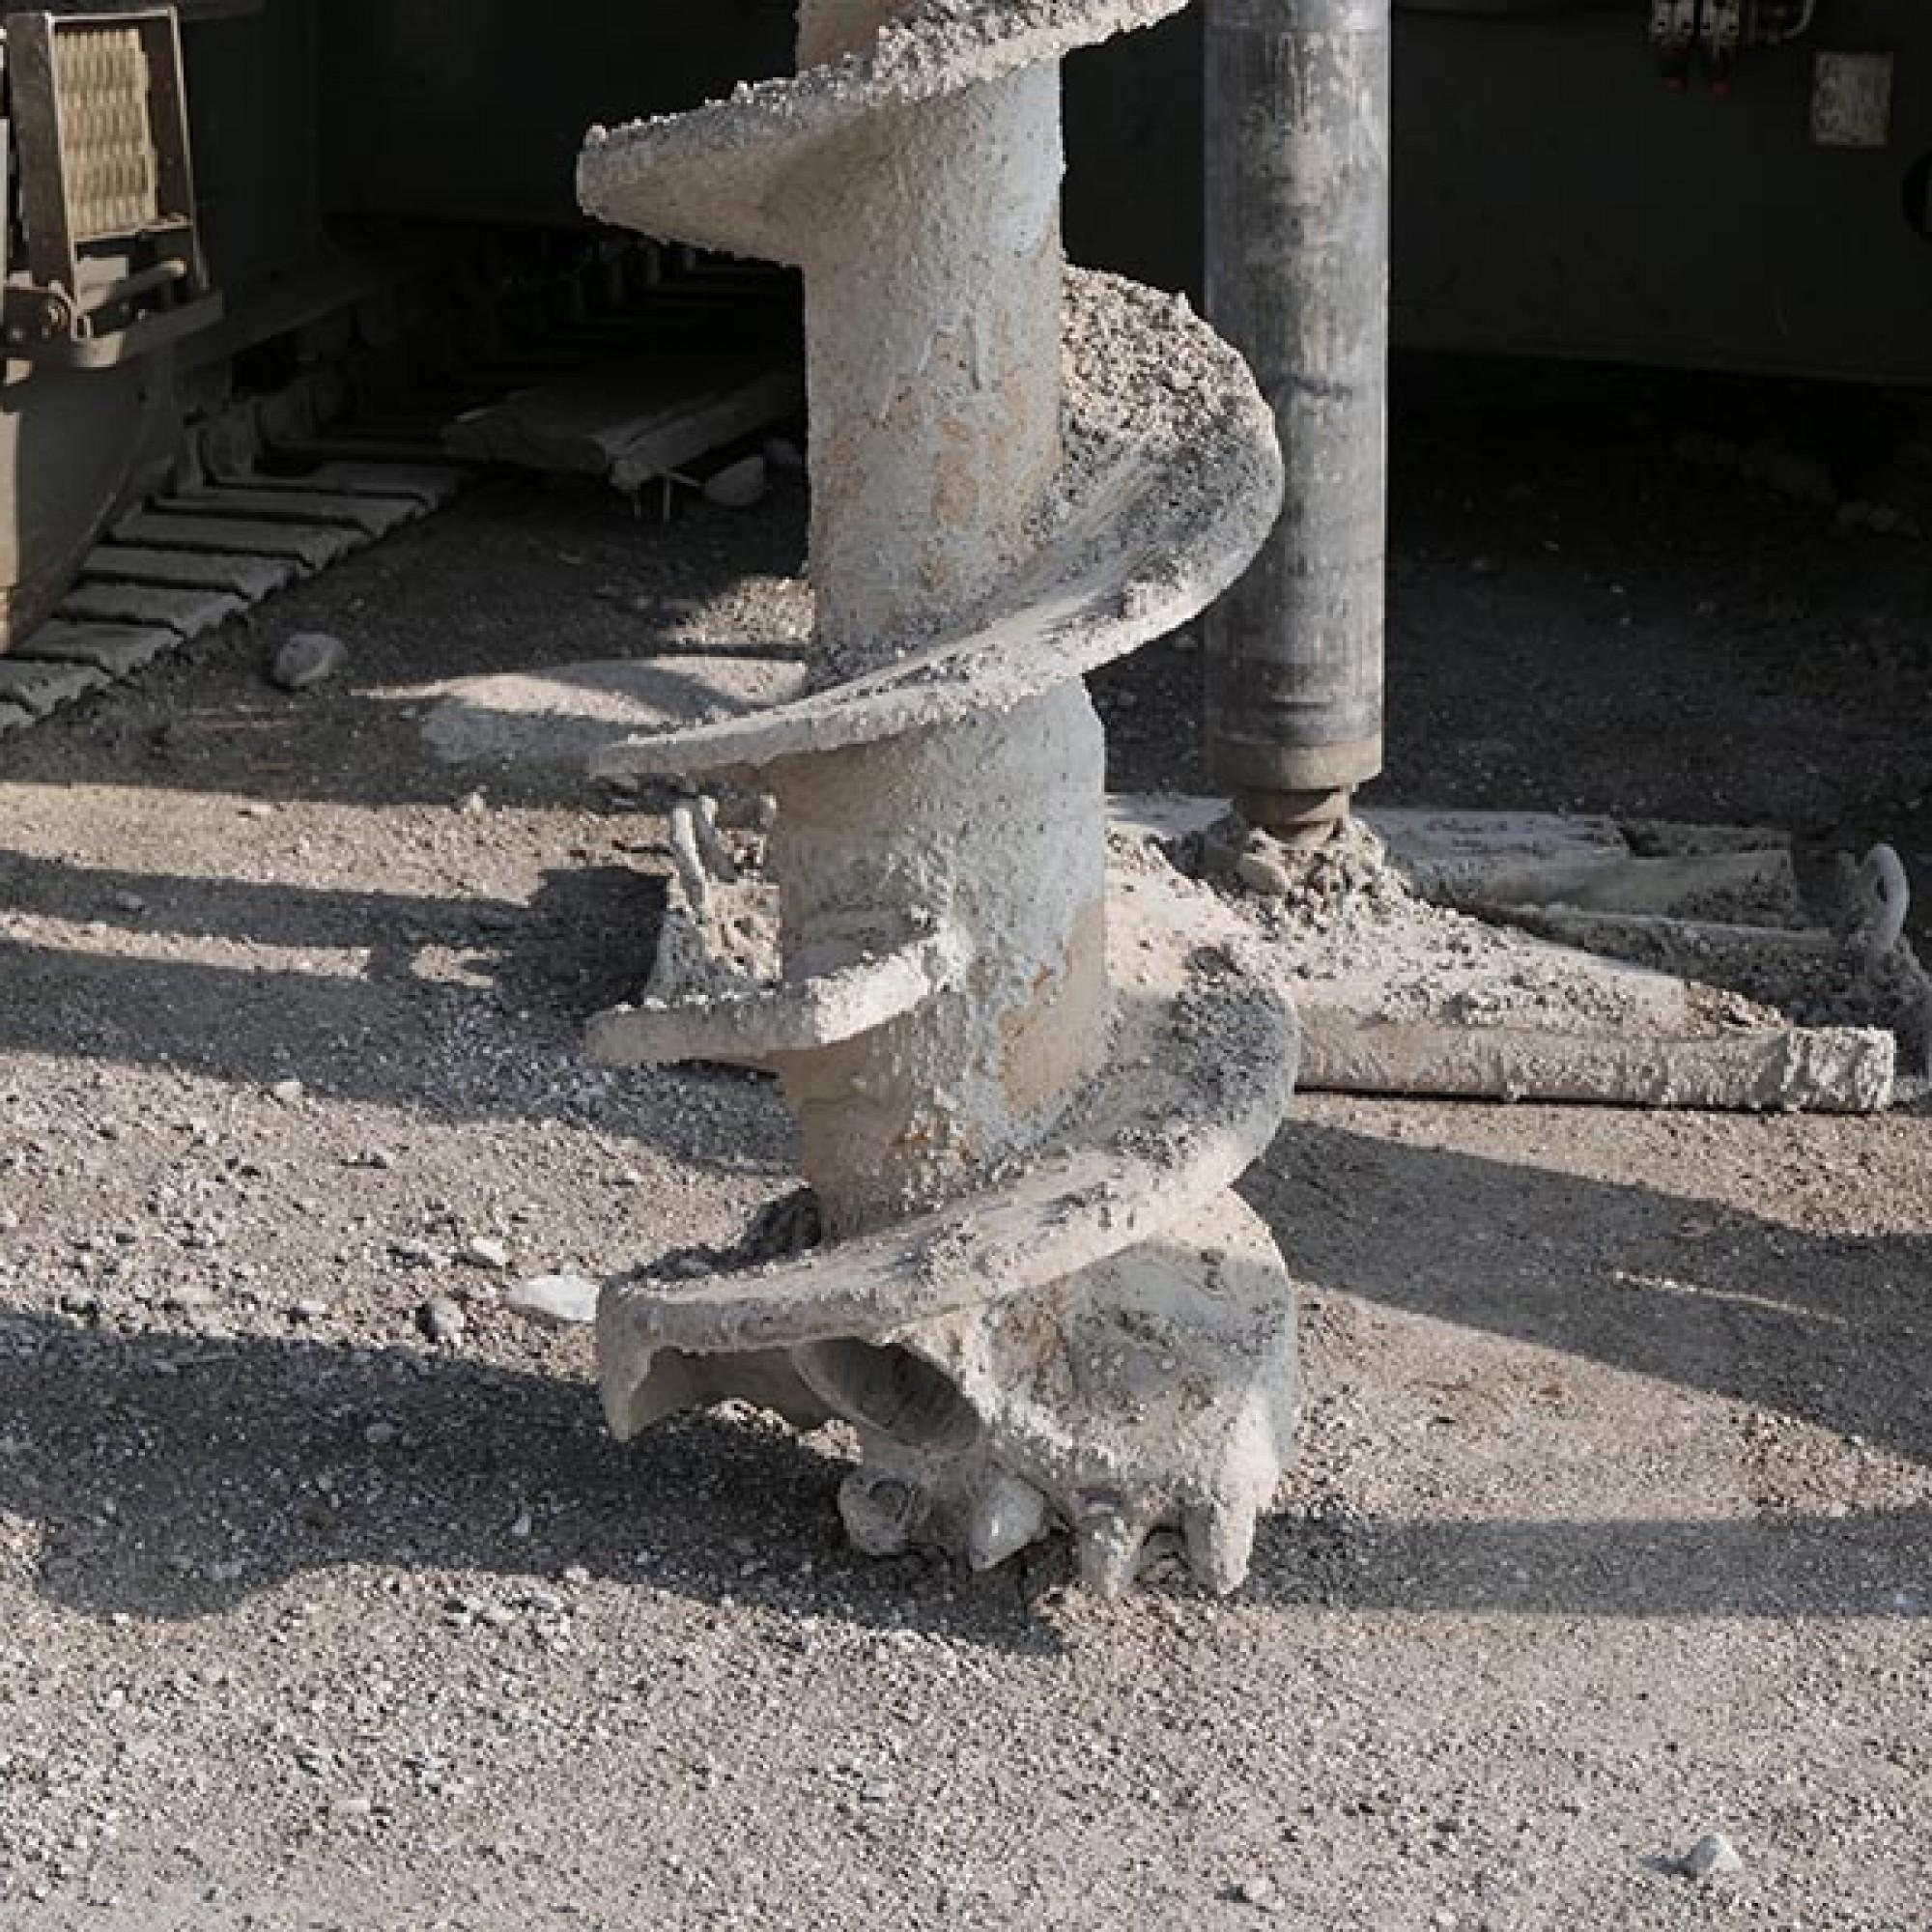 Les forages sont prévus pour des pieux longs de 5 à 17 m et d'un diamètre de 58 cm. (Image 3 sur 6) Jean-A. Luque